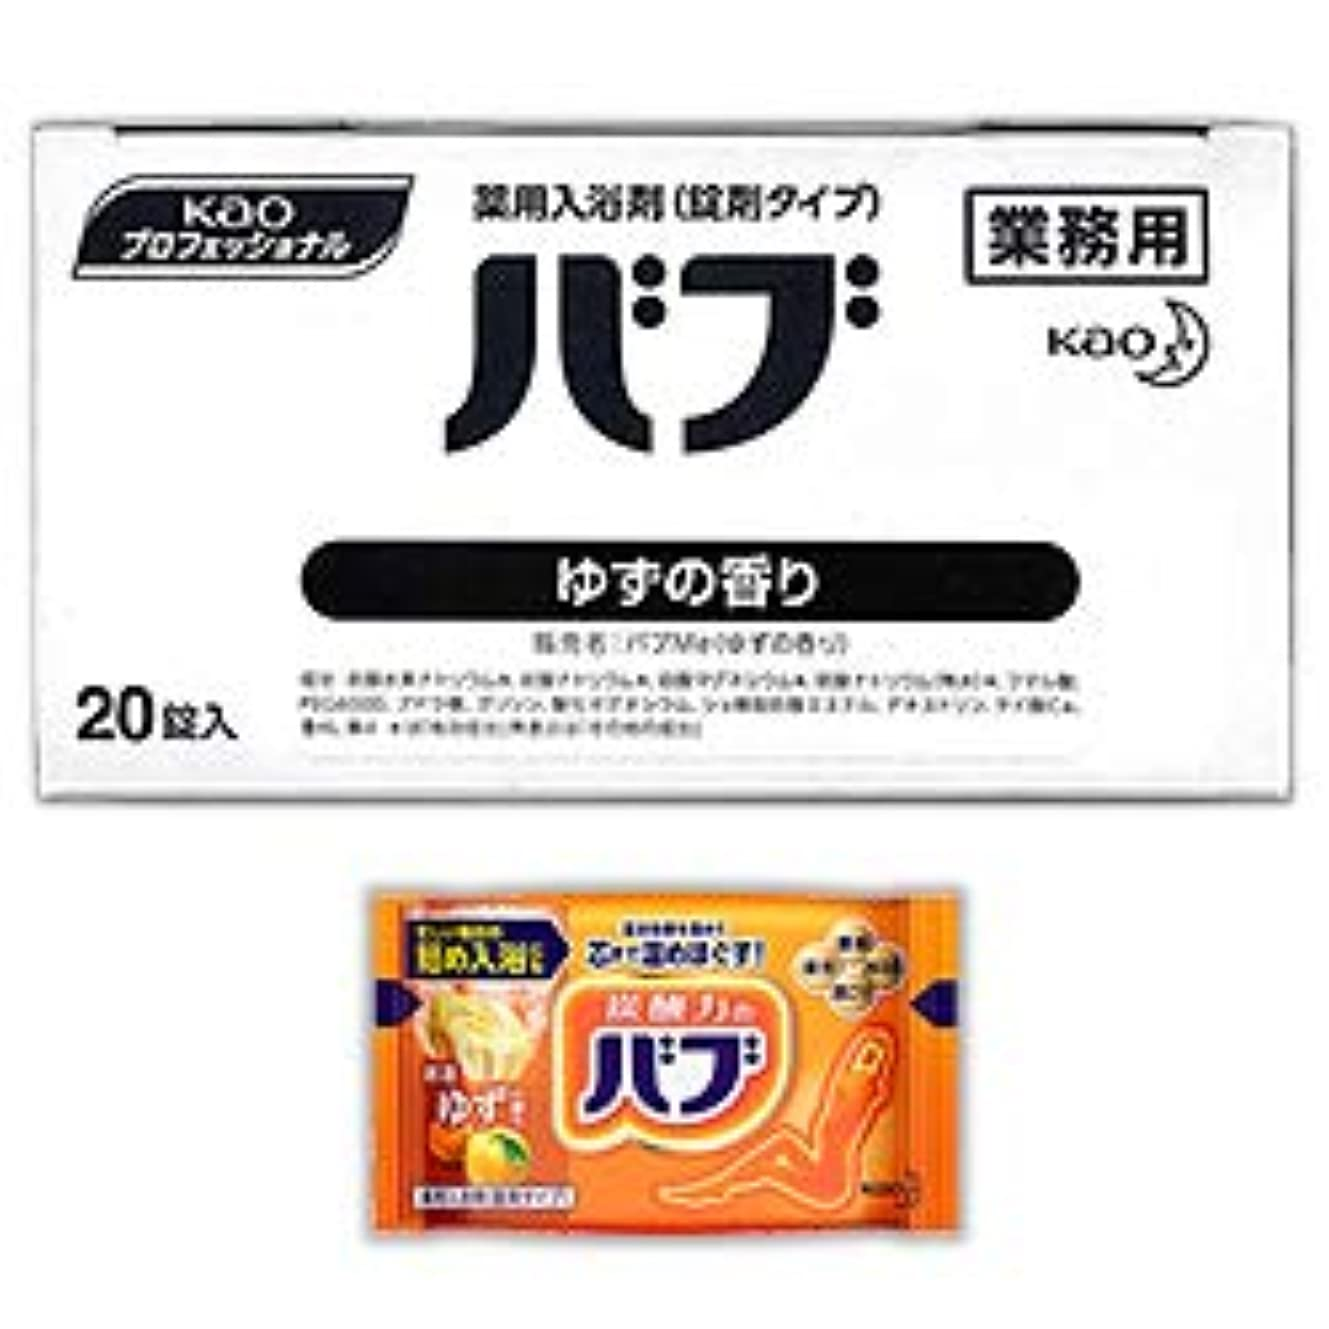 舗装するヘッジイチゴ【花王】Kaoプロフェッショナル バブ ゆずの香り(業務用) 40g×20錠入 ×4個セット